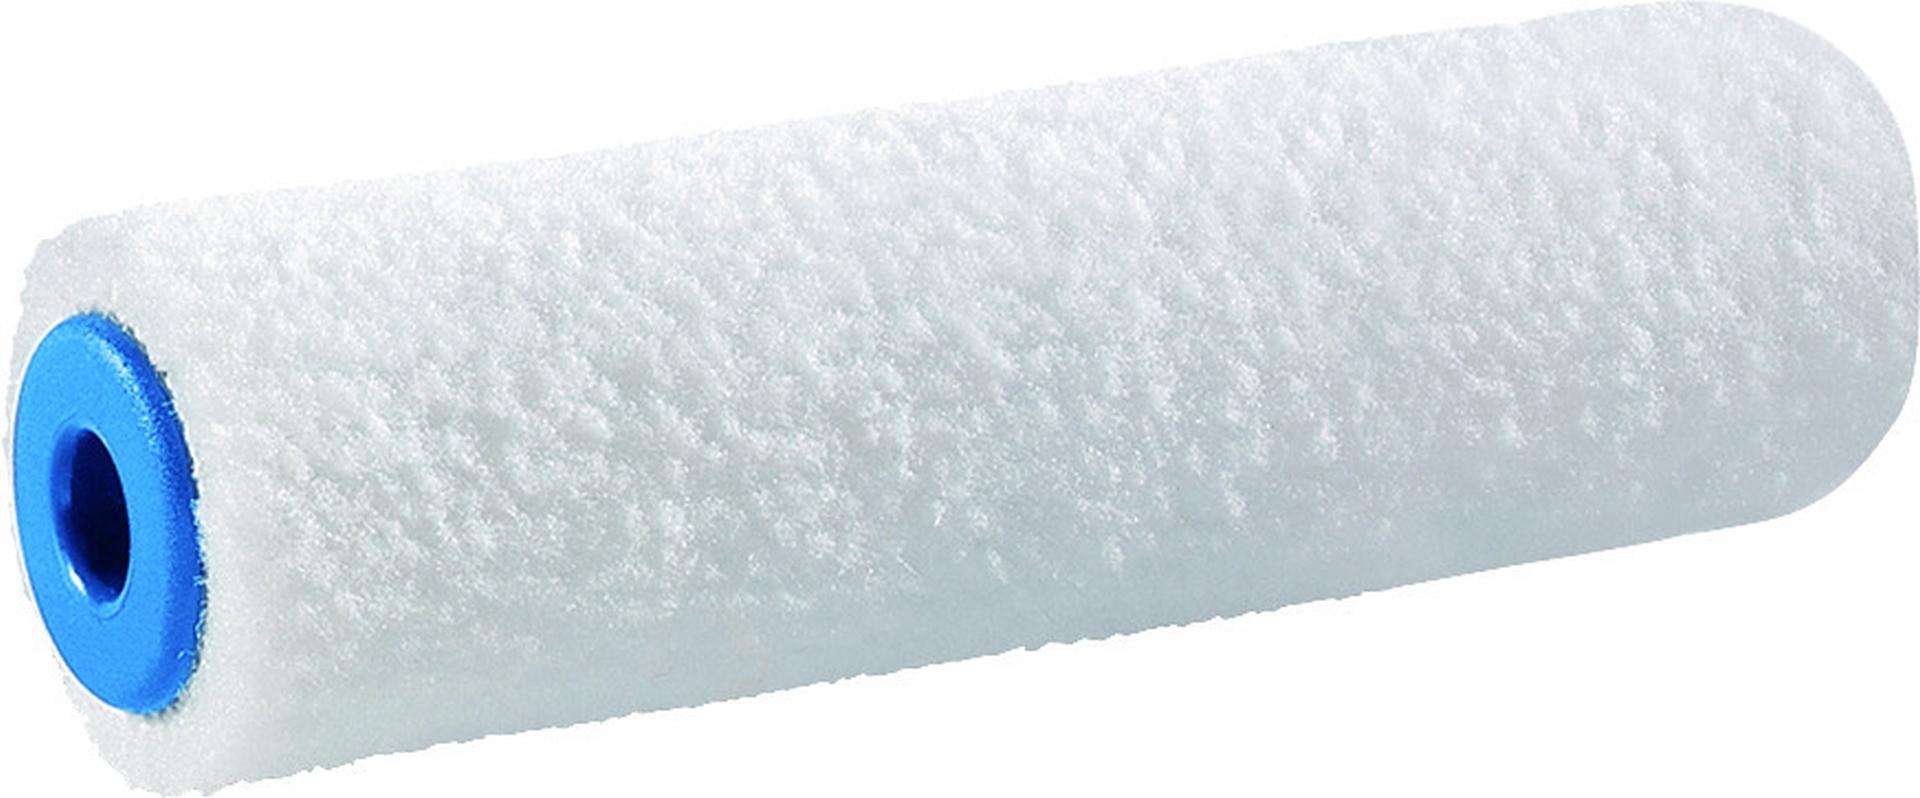 STORCH Walze, 10 cm, Kern-Ø 16, Polyester4, Filt-Polyester, texturiert, weiß, im 10er Pack